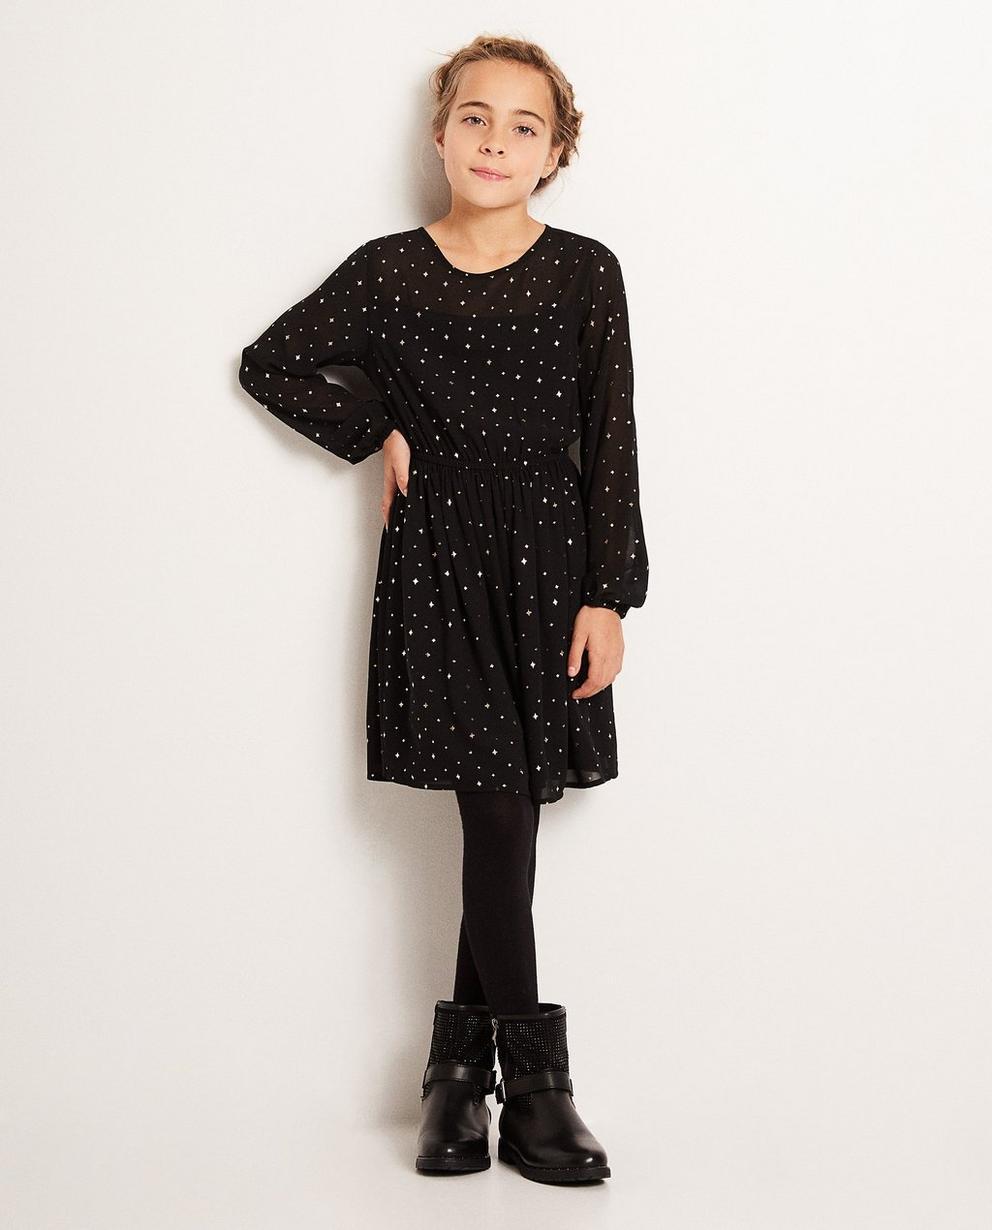 Schwarzes Kleid - mit durchgehendem Sternenprint - JBC